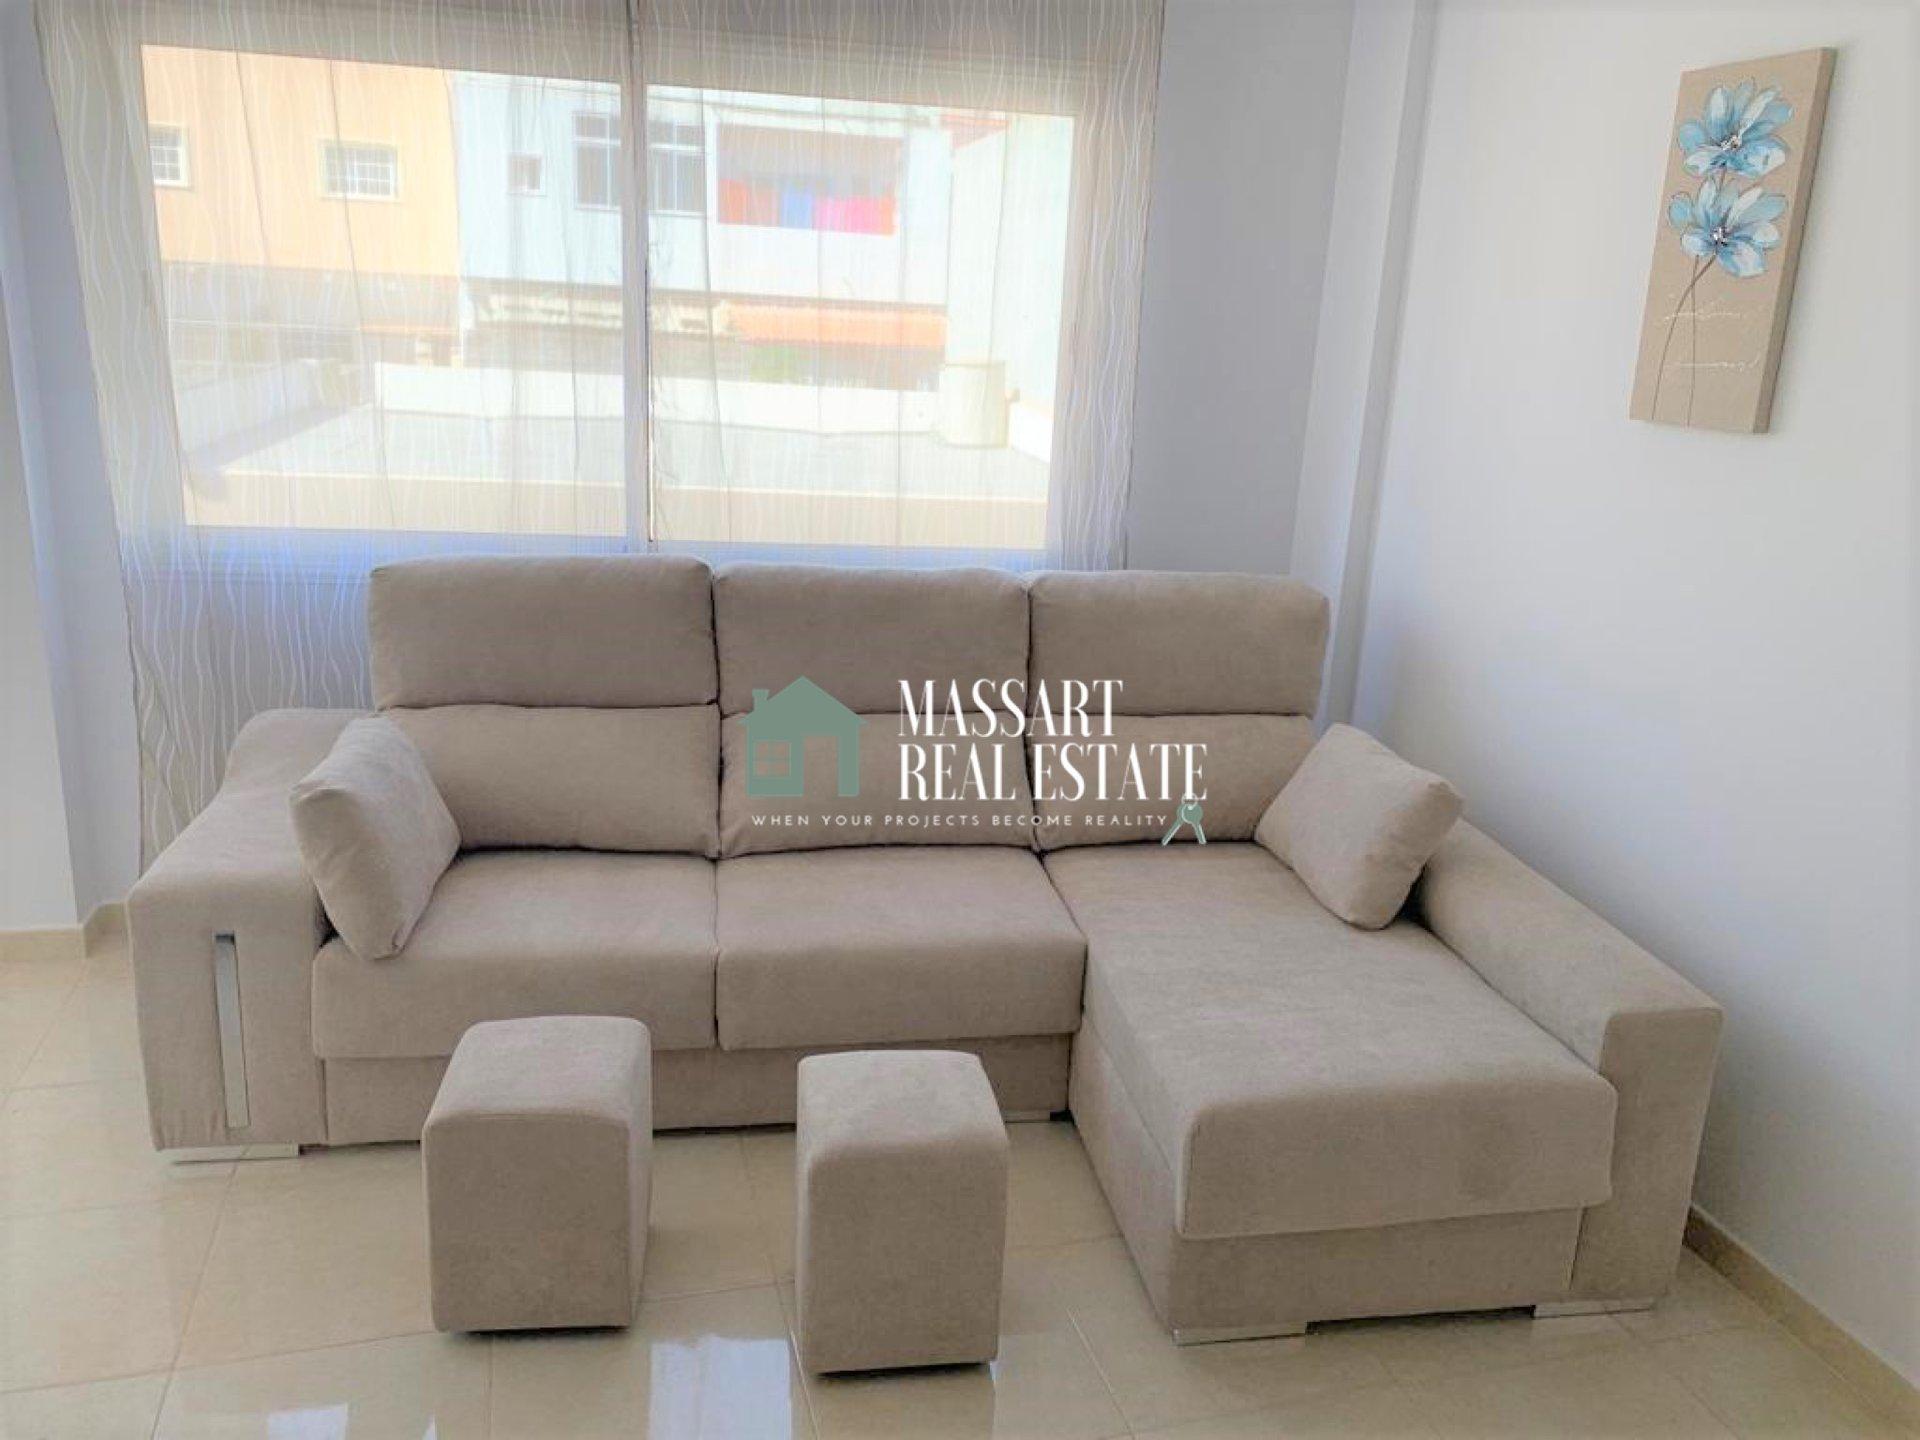 Appartement van ongeveer 60 m2 gelegen in Cabo Blanco en gekenmerkt door zijn goede staat van instandhouding.